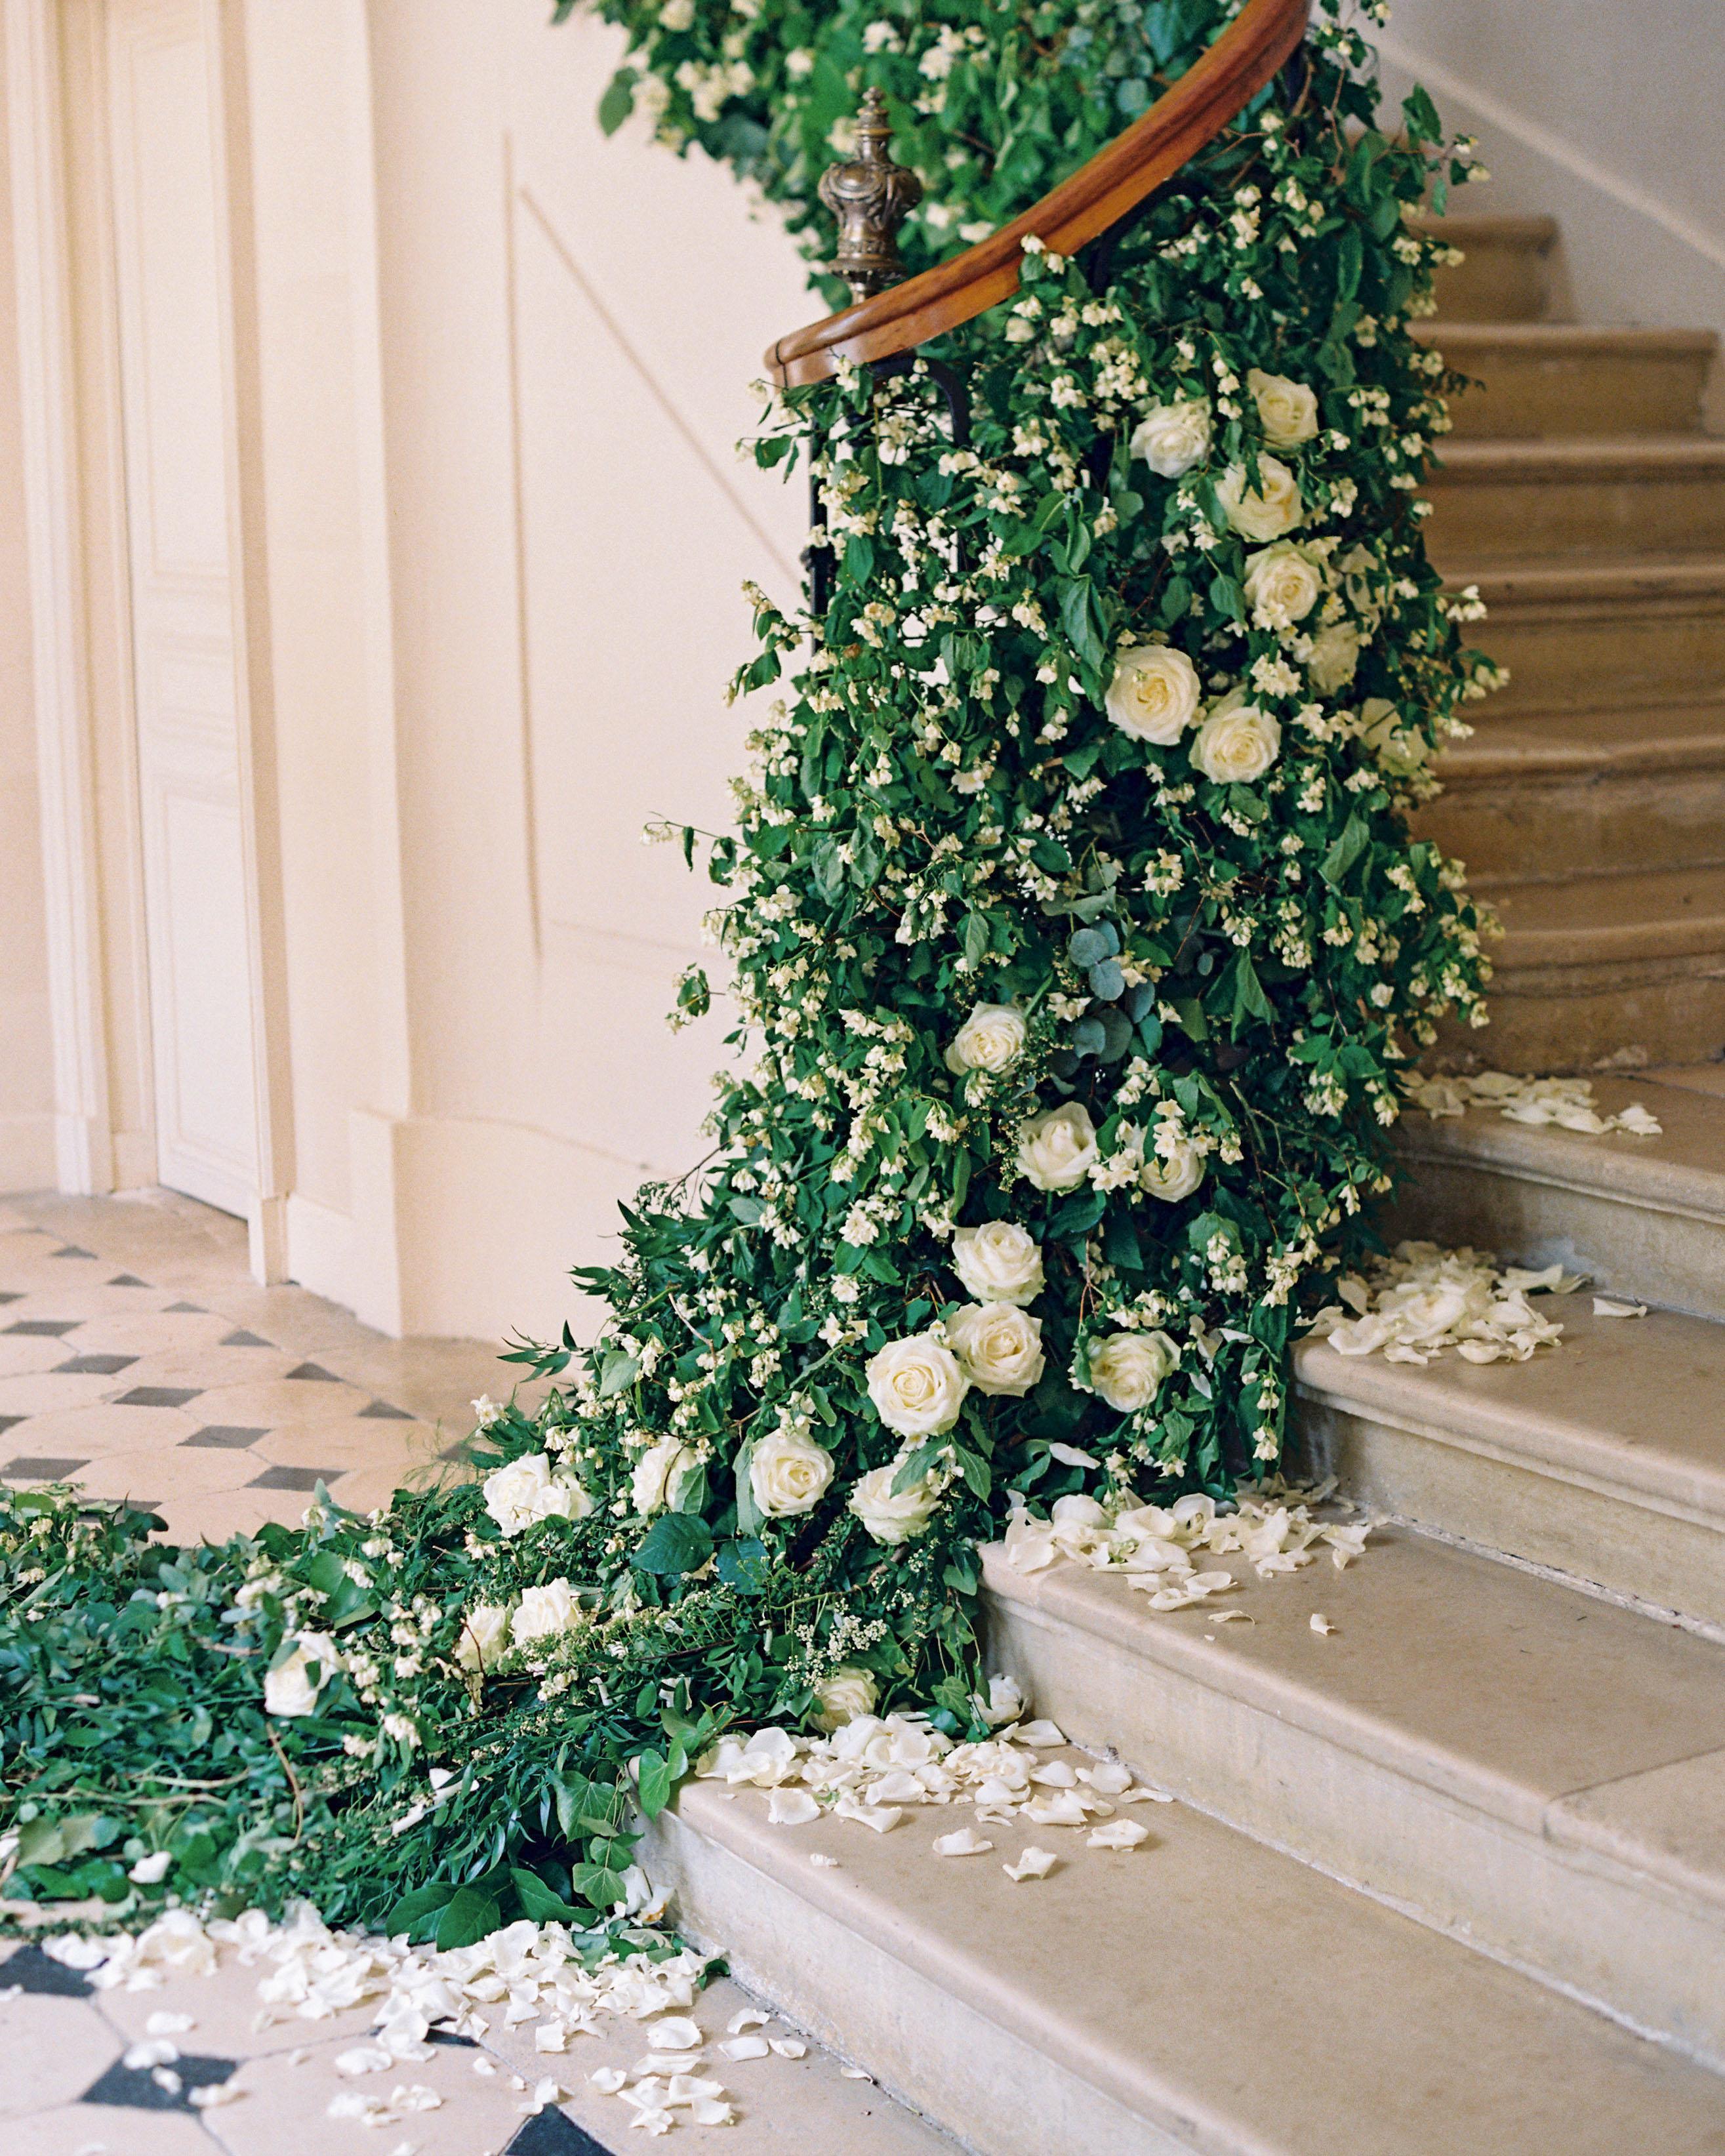 stair banister decor dense greenery white flowers